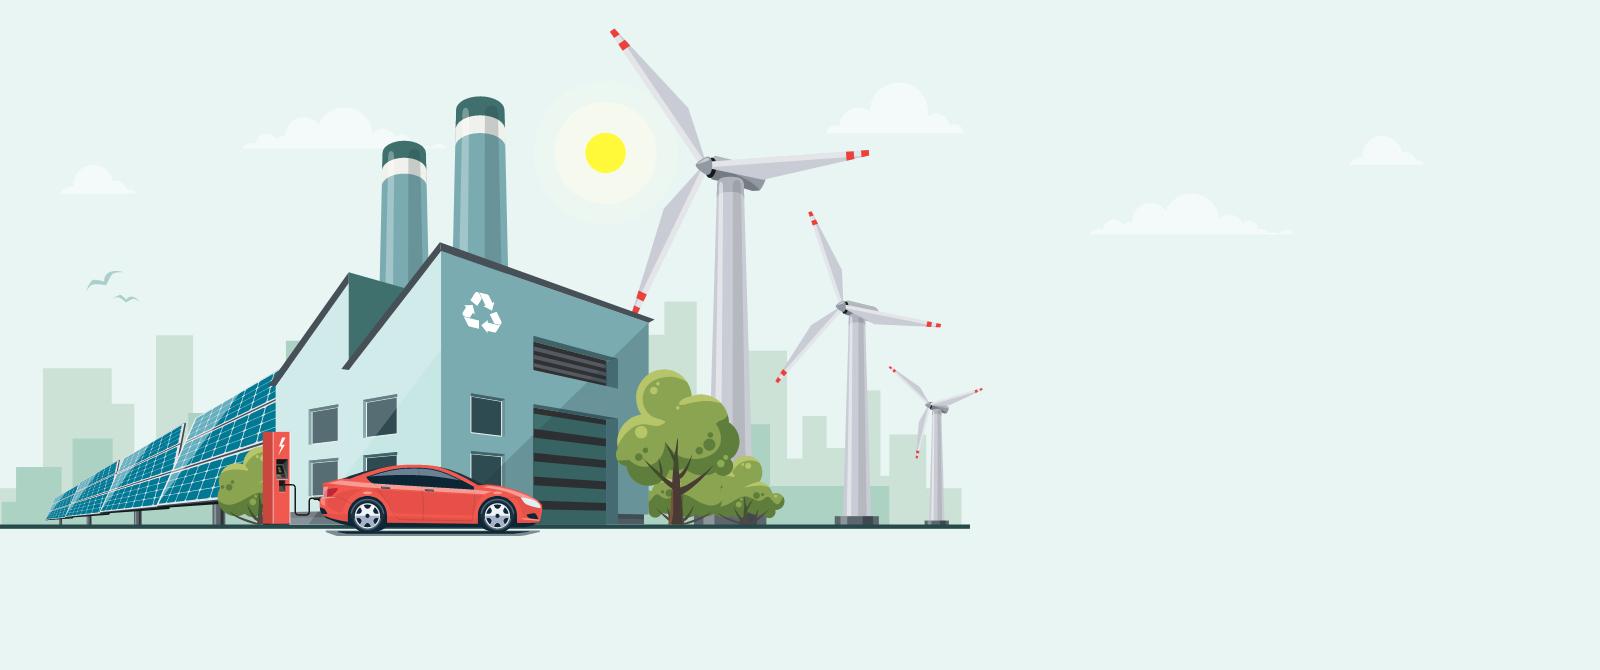 BCPG ลงทุนโรงงานผลิตแบตเตอรี่ต่อยอดพลังงานทดแทน